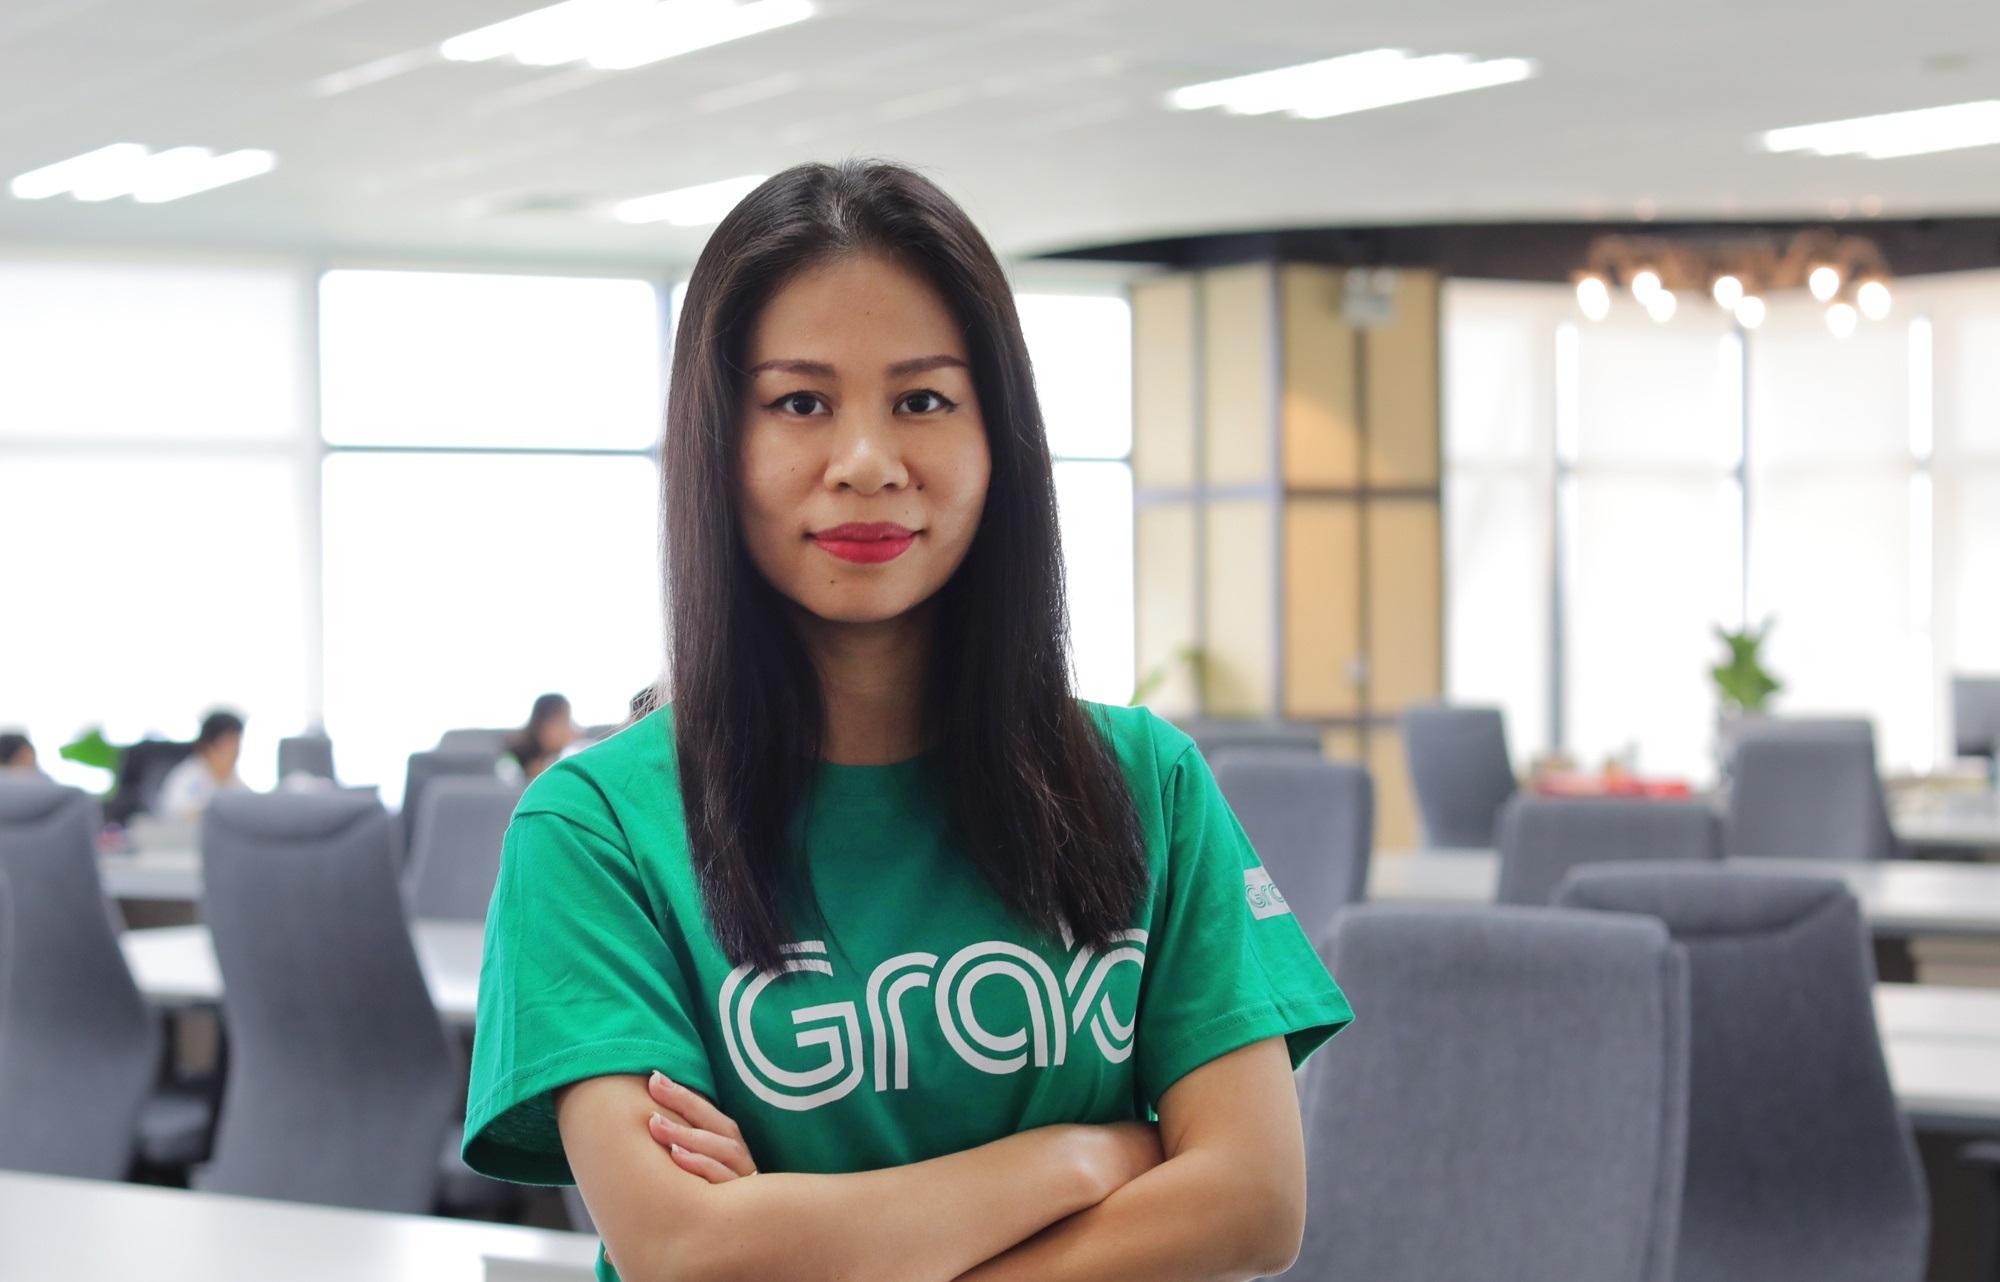 Chân dung nữ Giám đốc điều hành 8X của Grab Việt Nam Nguyễn Thái Hải Vân - Ảnh 1